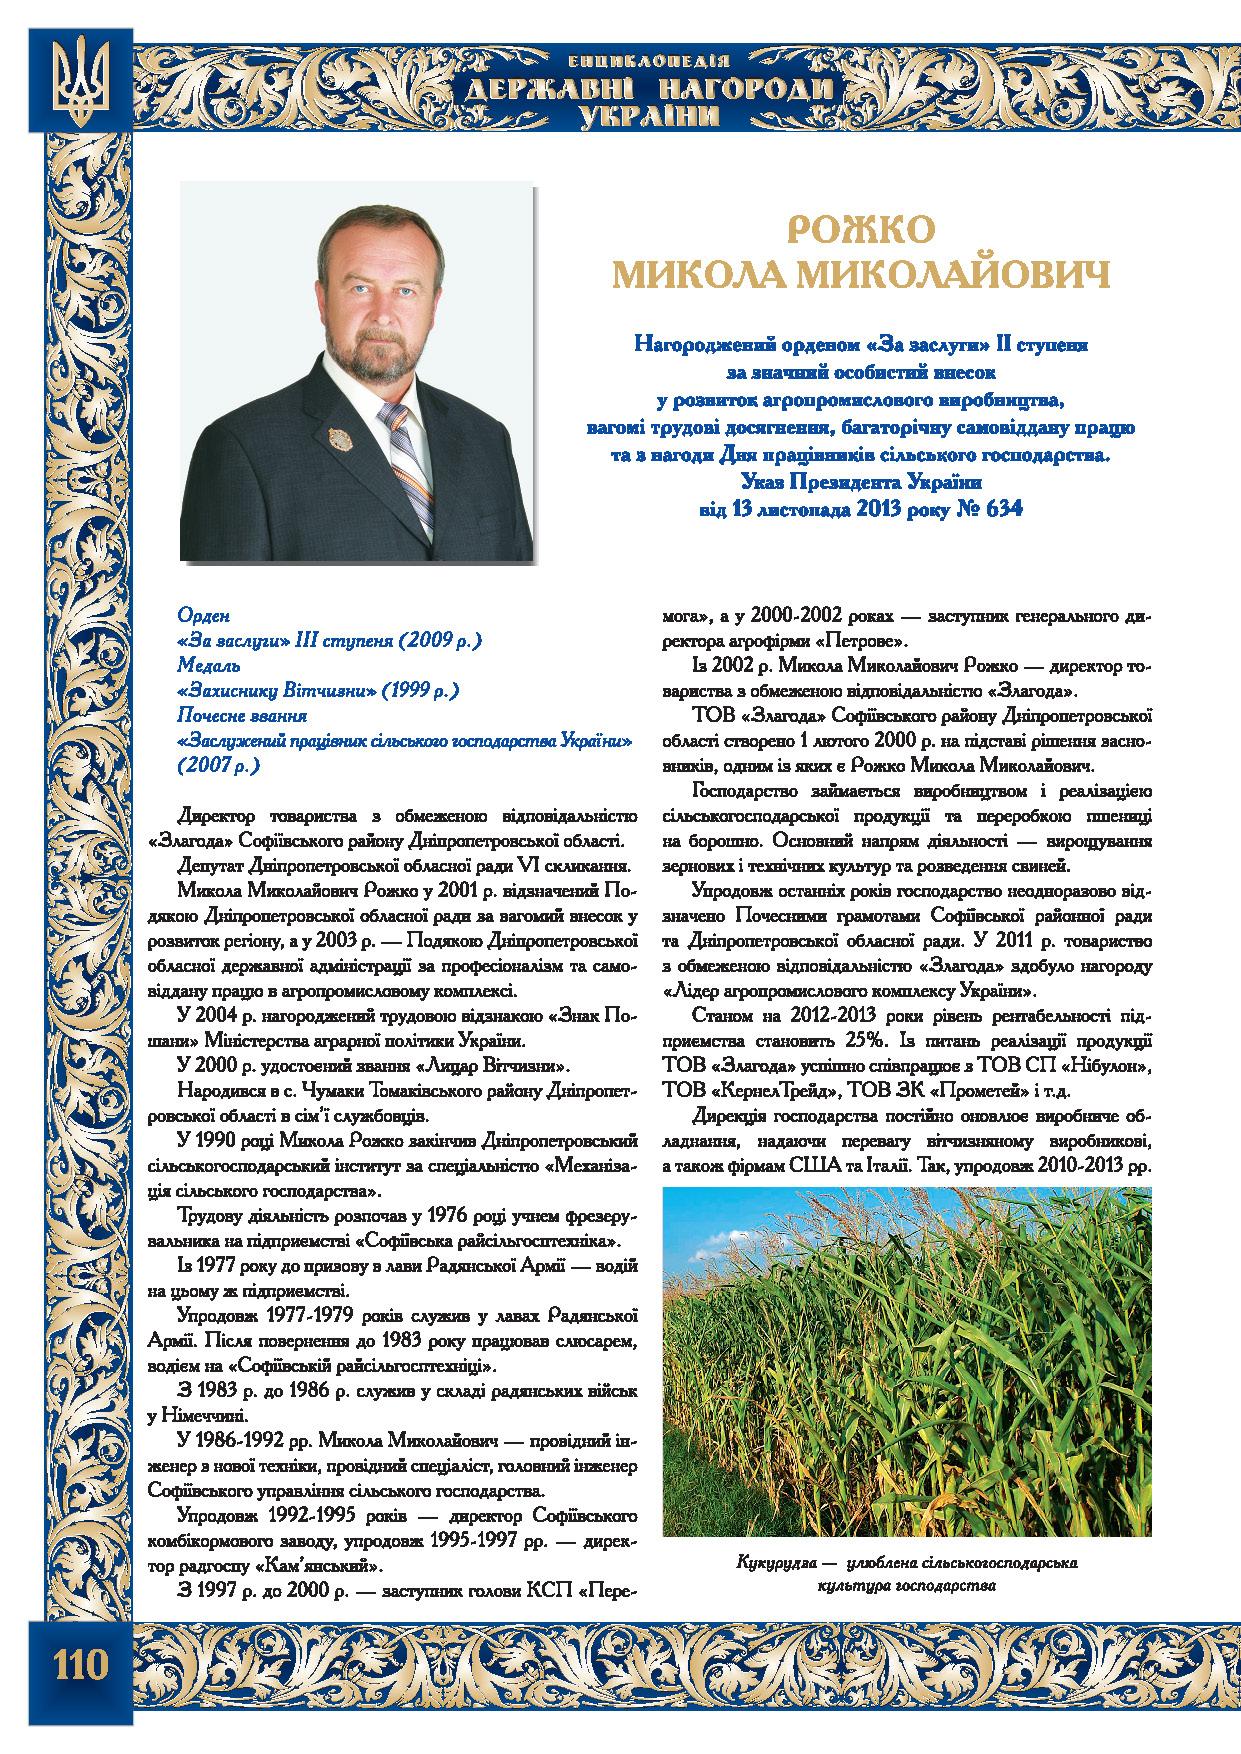 Рожко Микола Миколайович